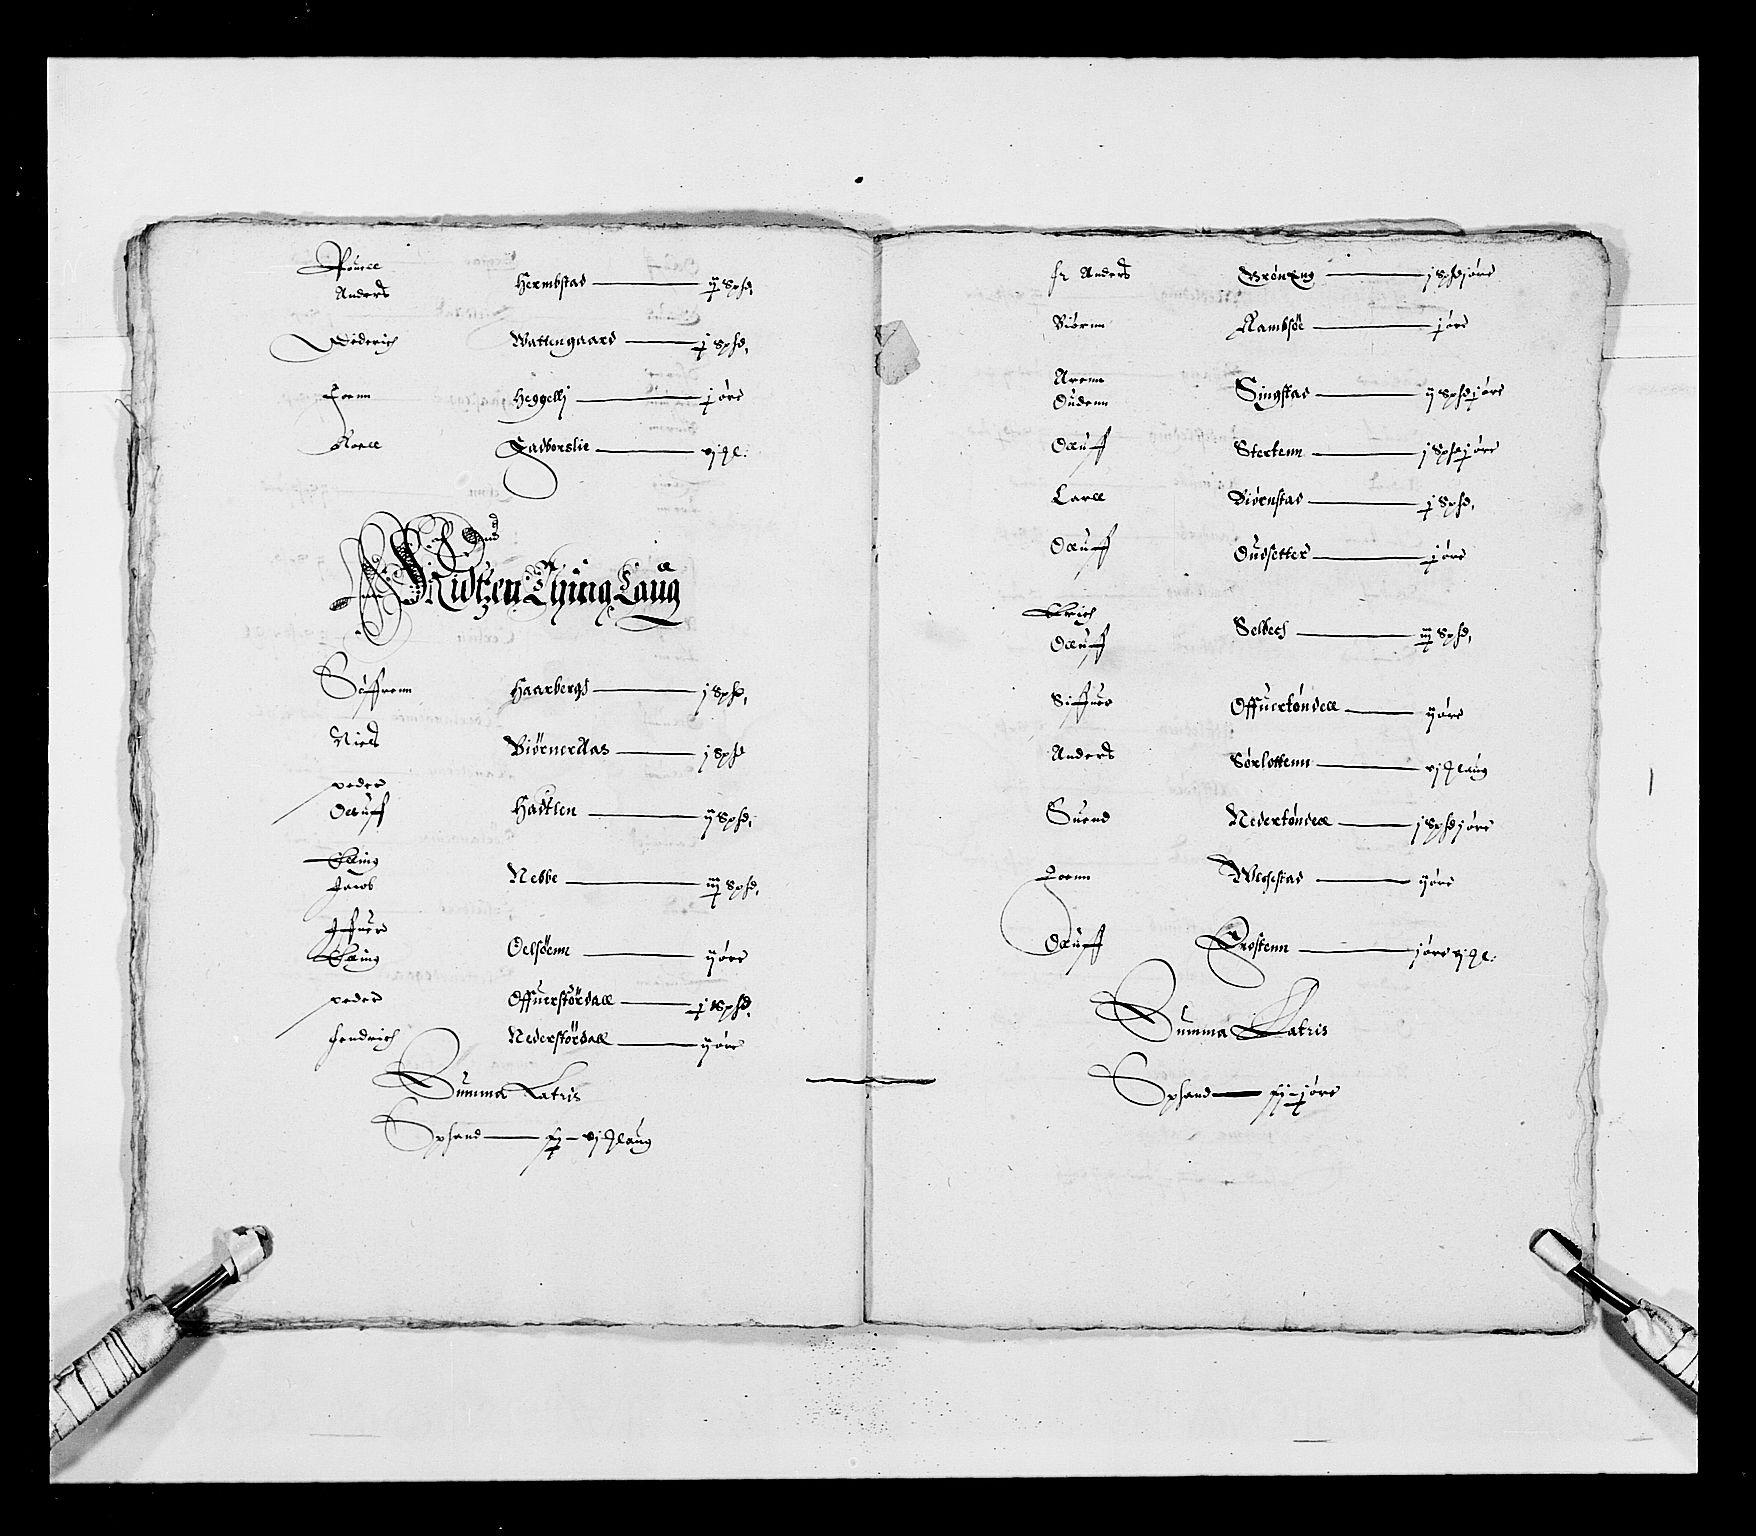 RA, Stattholderembetet 1572-1771, Ek/L0028: Jordebøker 1633-1658:, 1645-1646, s. 69